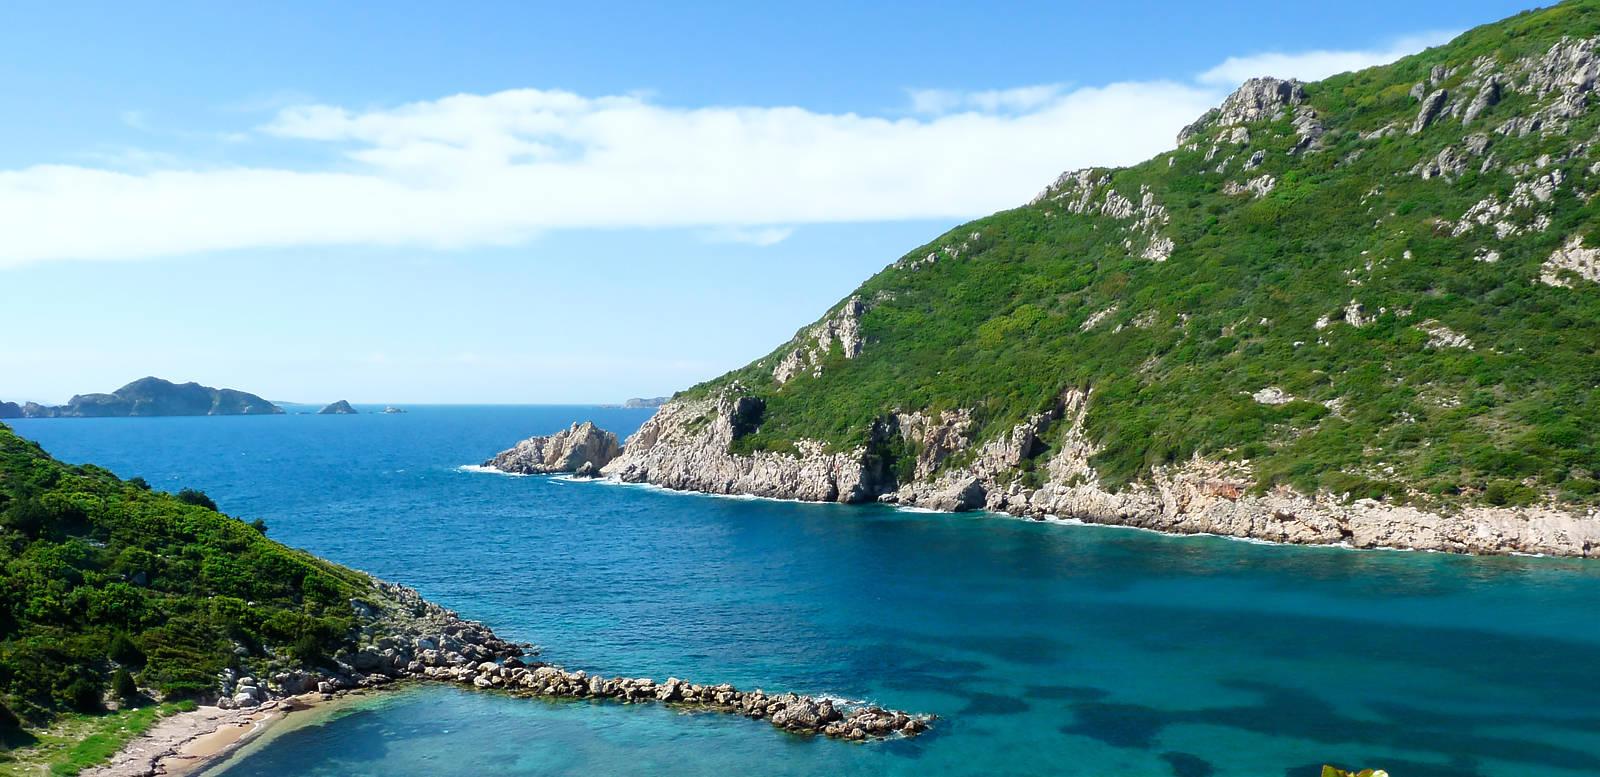 Wanderreise Griechenland: Wandern und Baden auf Korfu